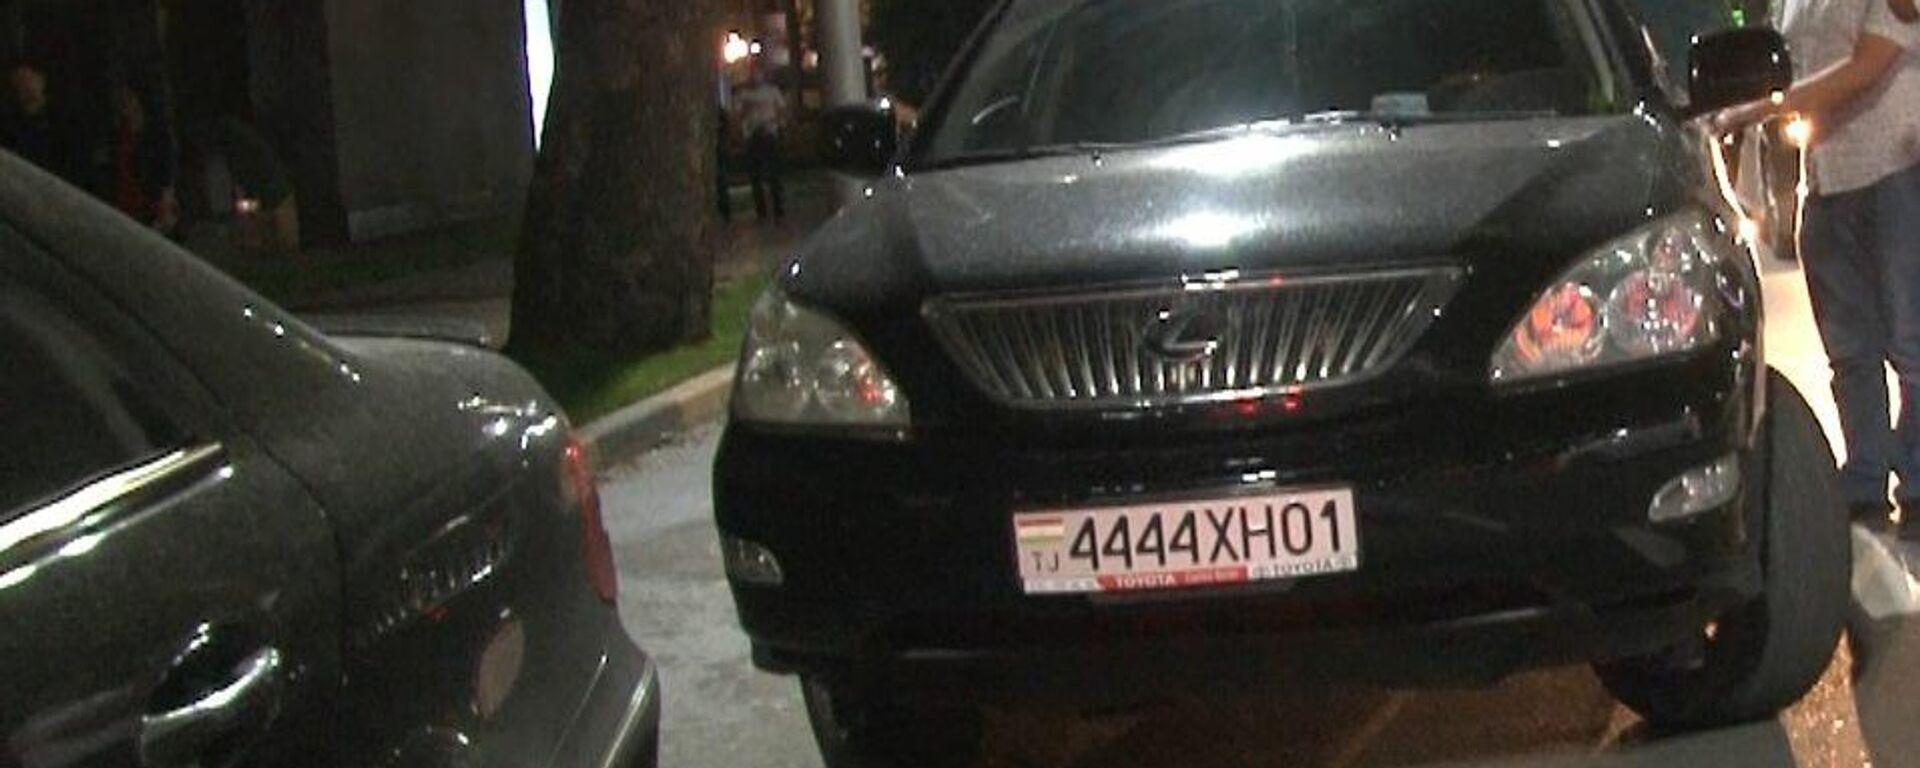 Один из задержанных автомобилей из-за беспорядков в Душанбе - Sputnik Тоҷикистон, 1920, 12.05.2021